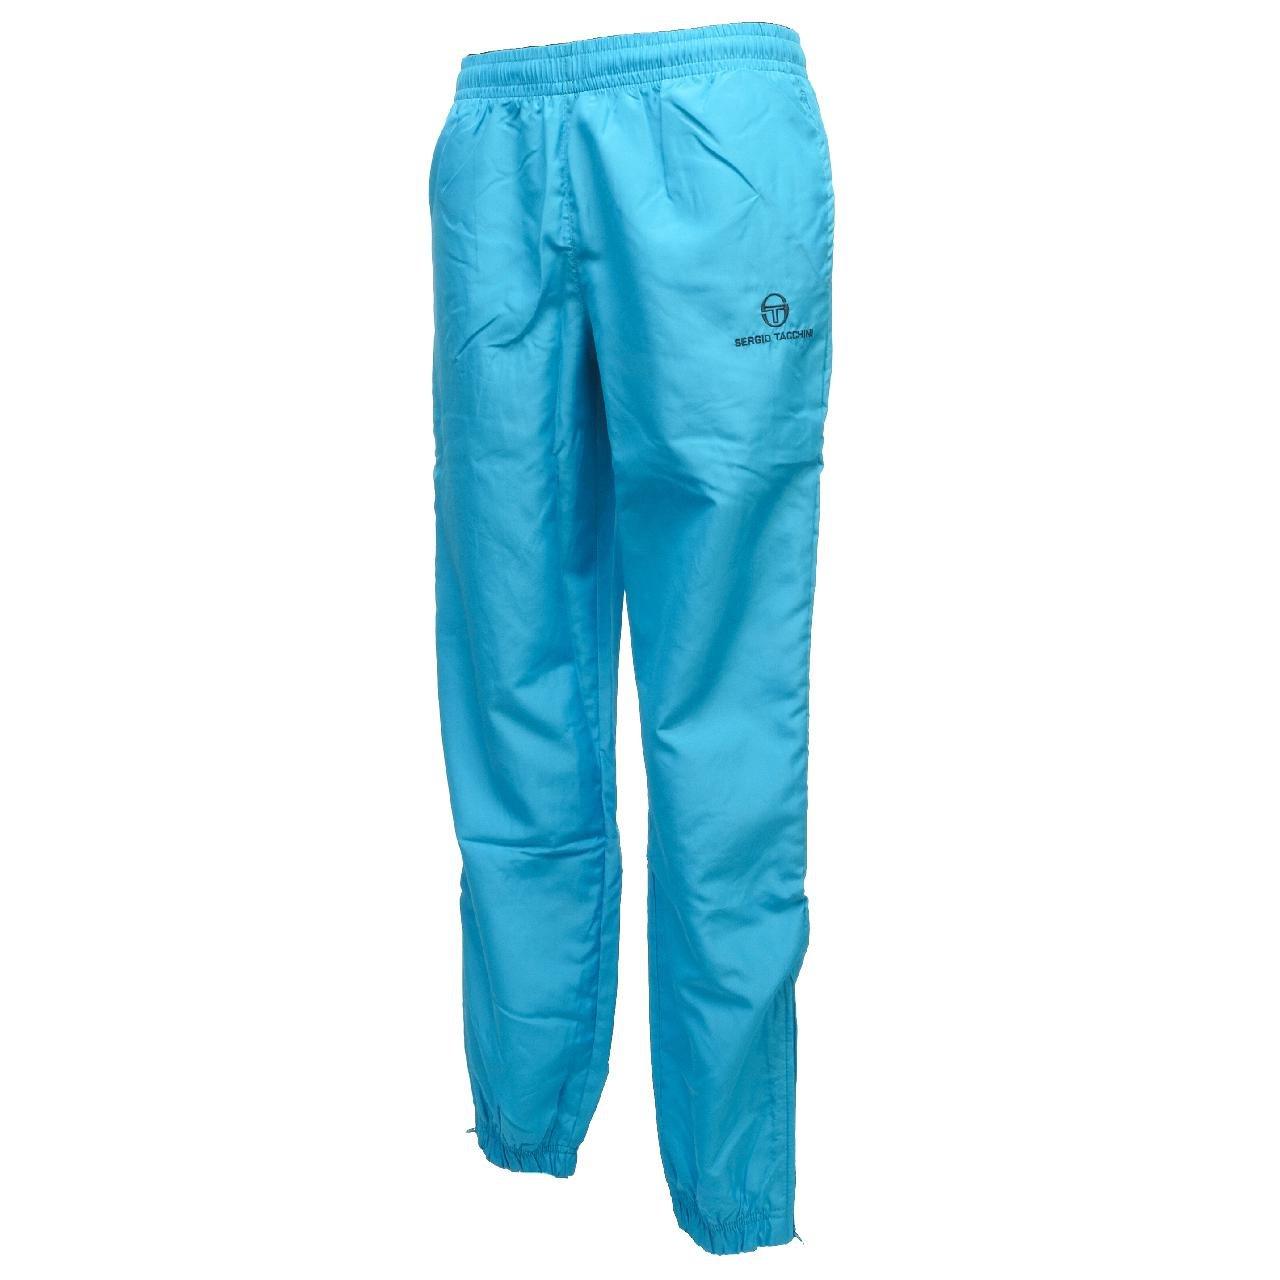 Sergio Tacchini Parson 014 - Pantalón Jogging para hombre, azul ...